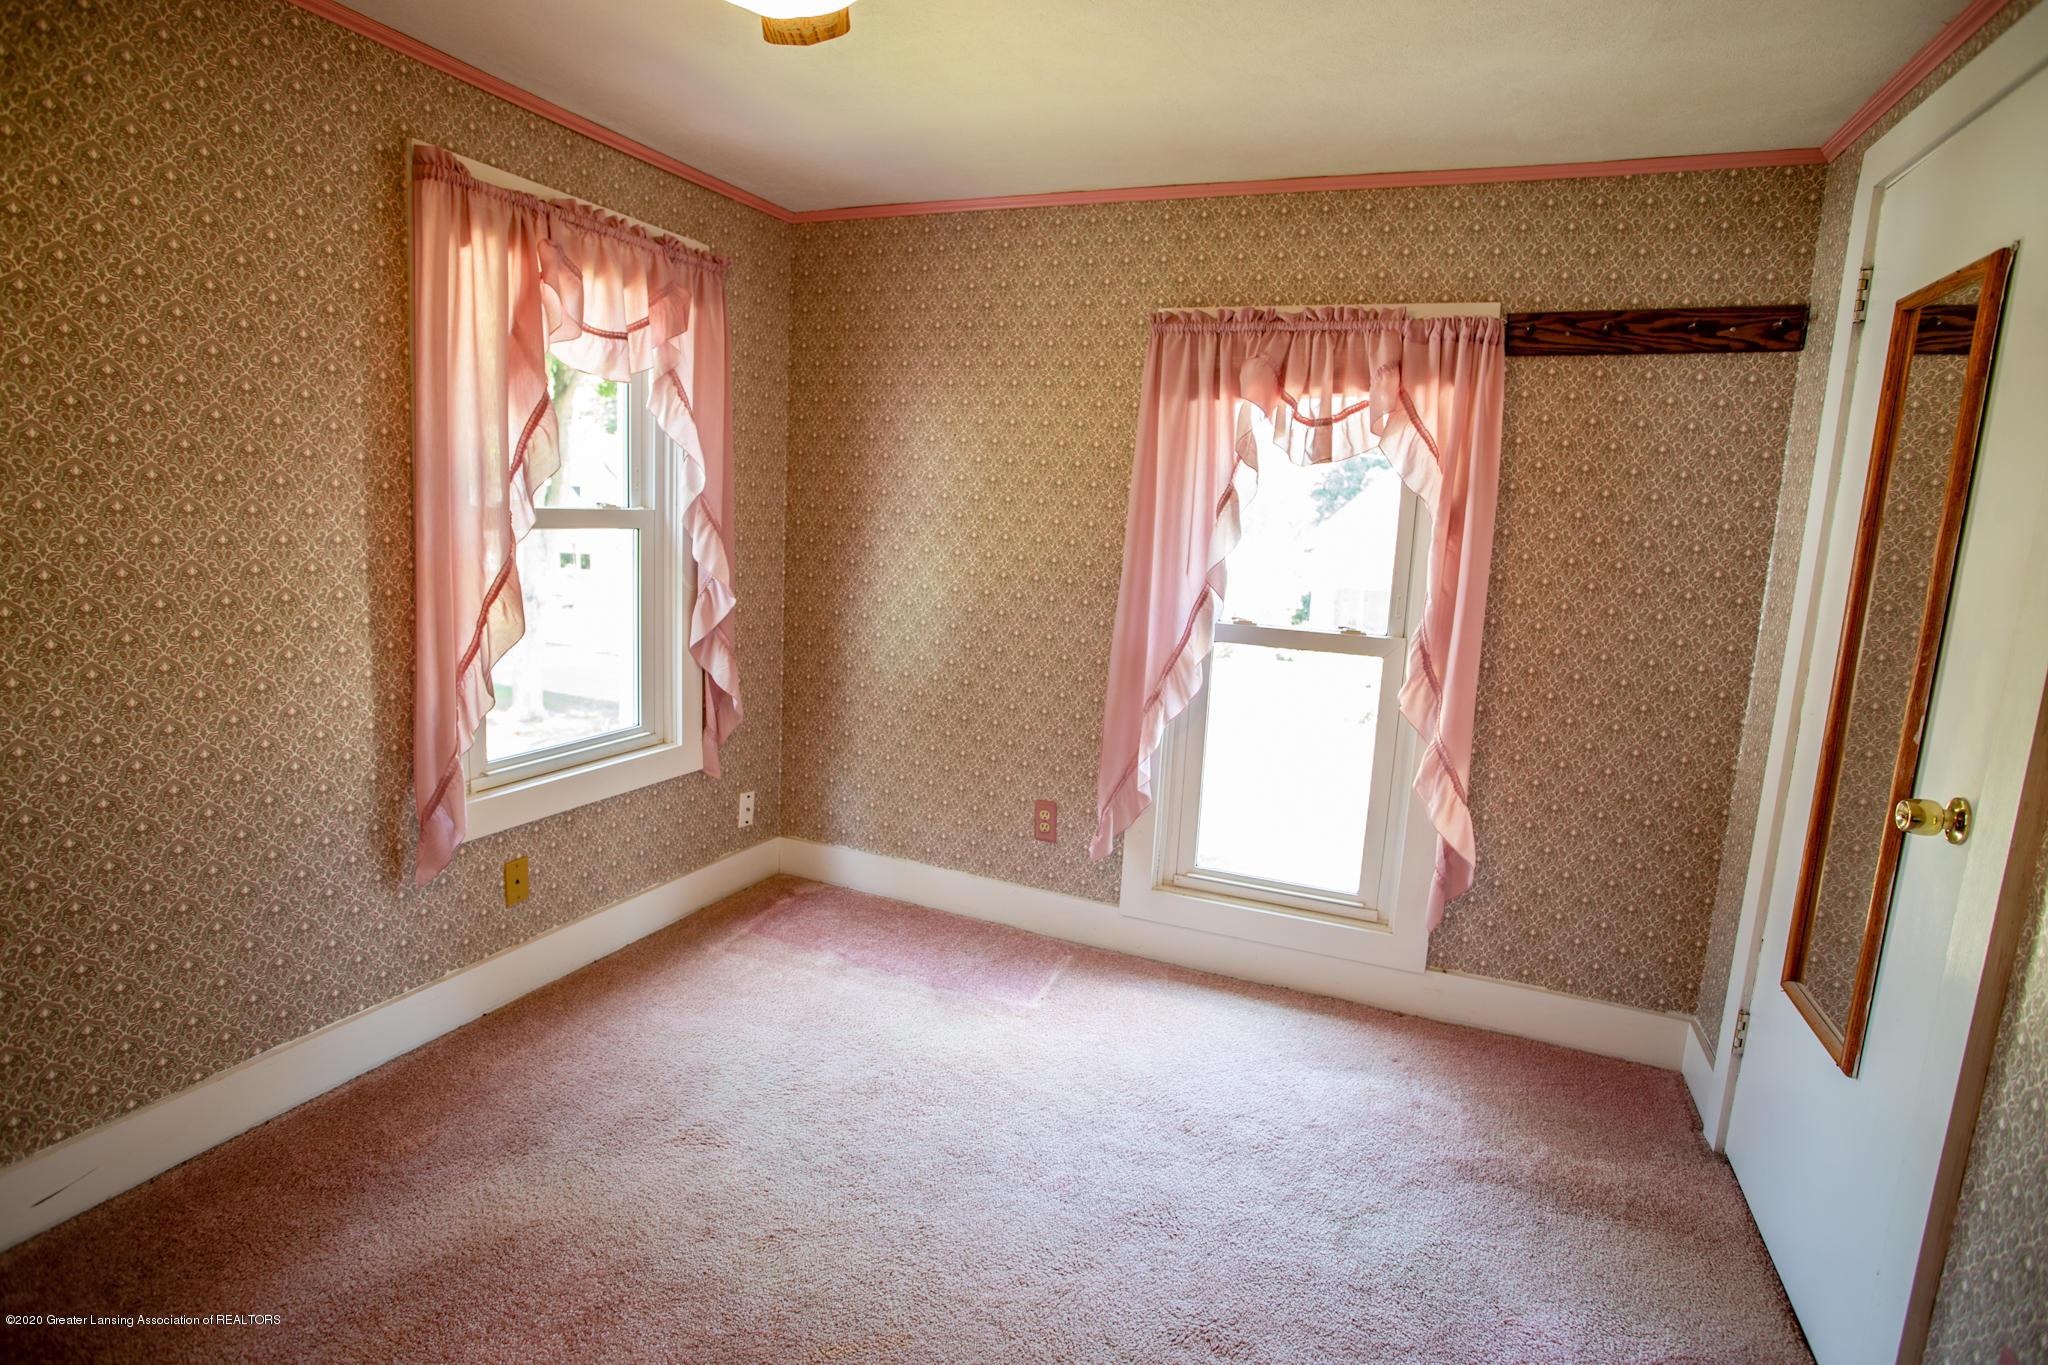 223 W Quincy St - 223 W. Quincy Bedroom - 16